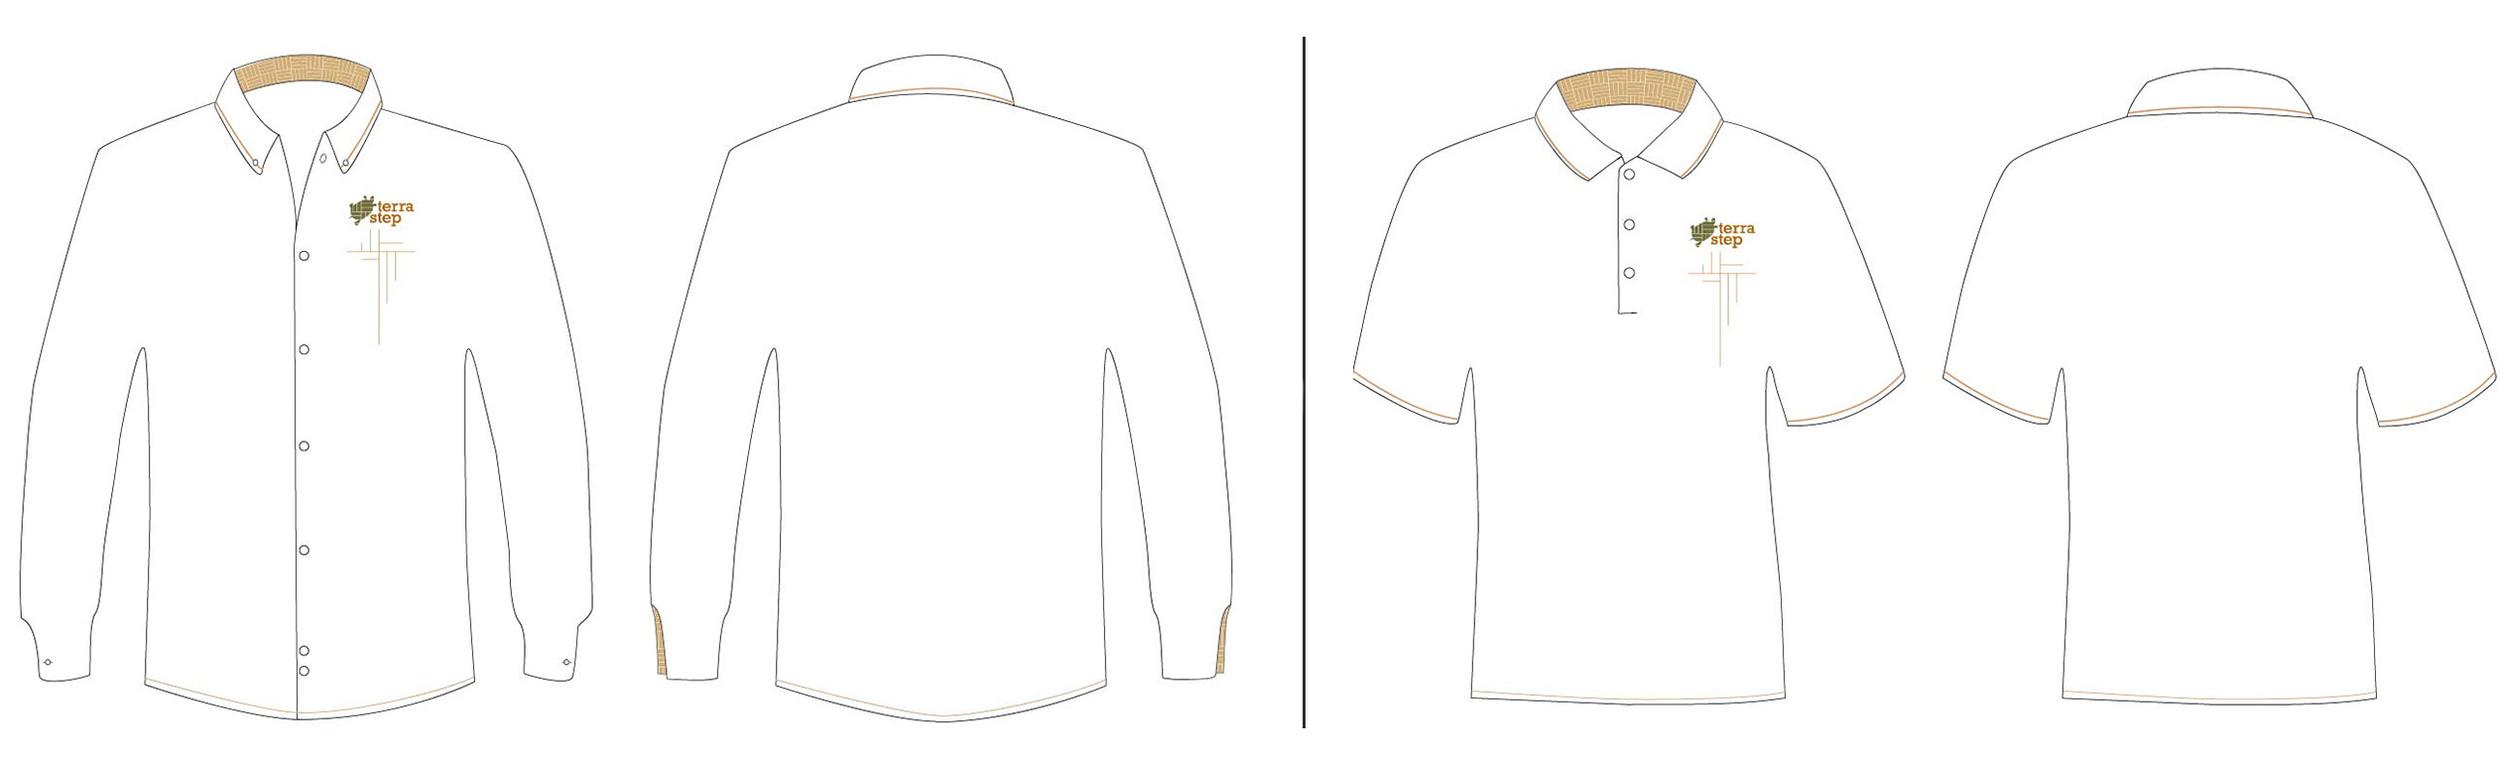 Employe Shirts